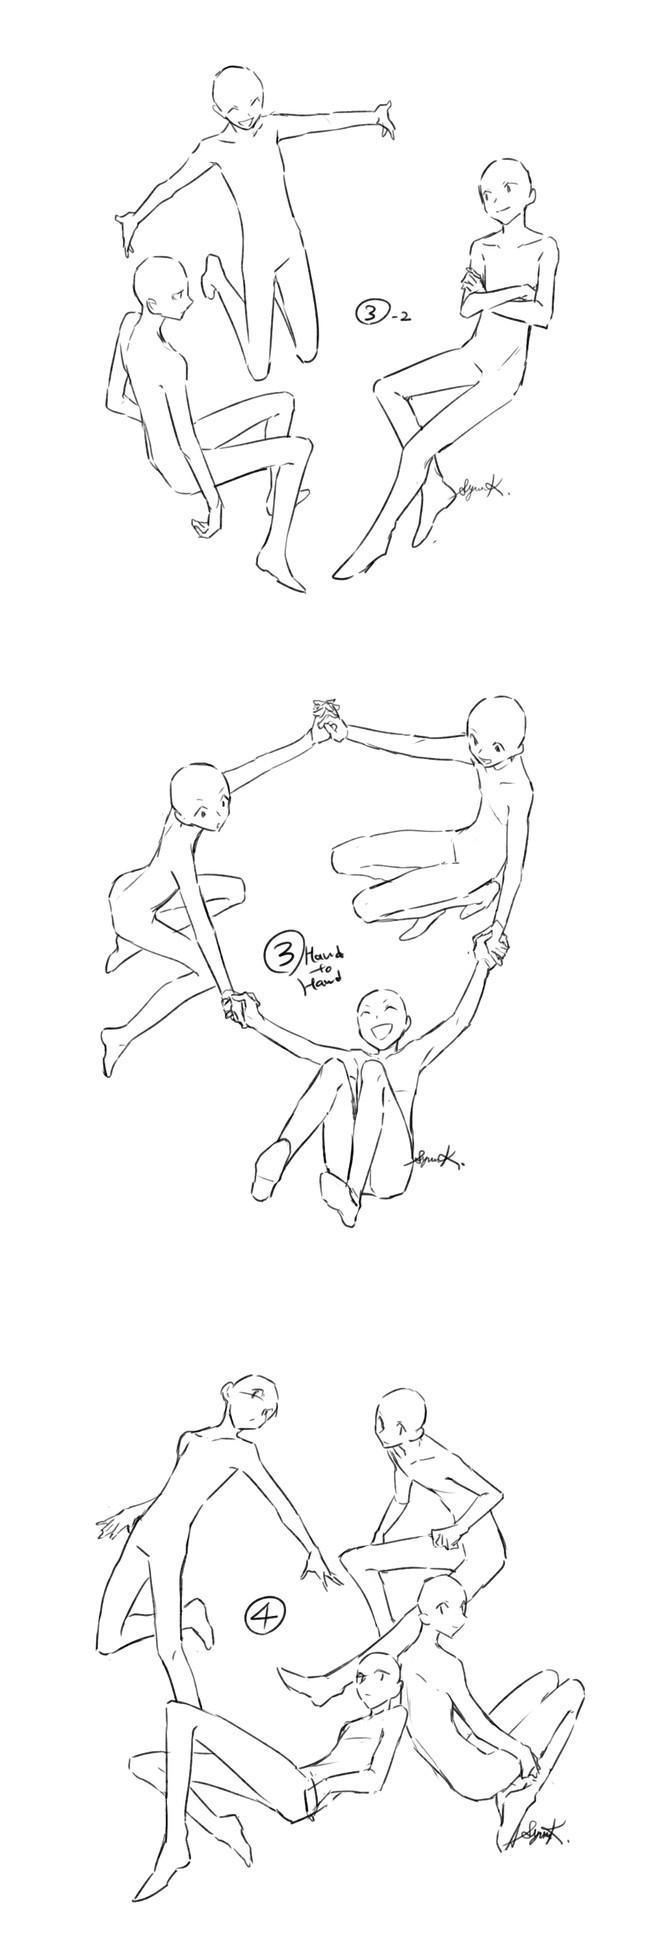 漫画人物构图参考,多种构图随意选